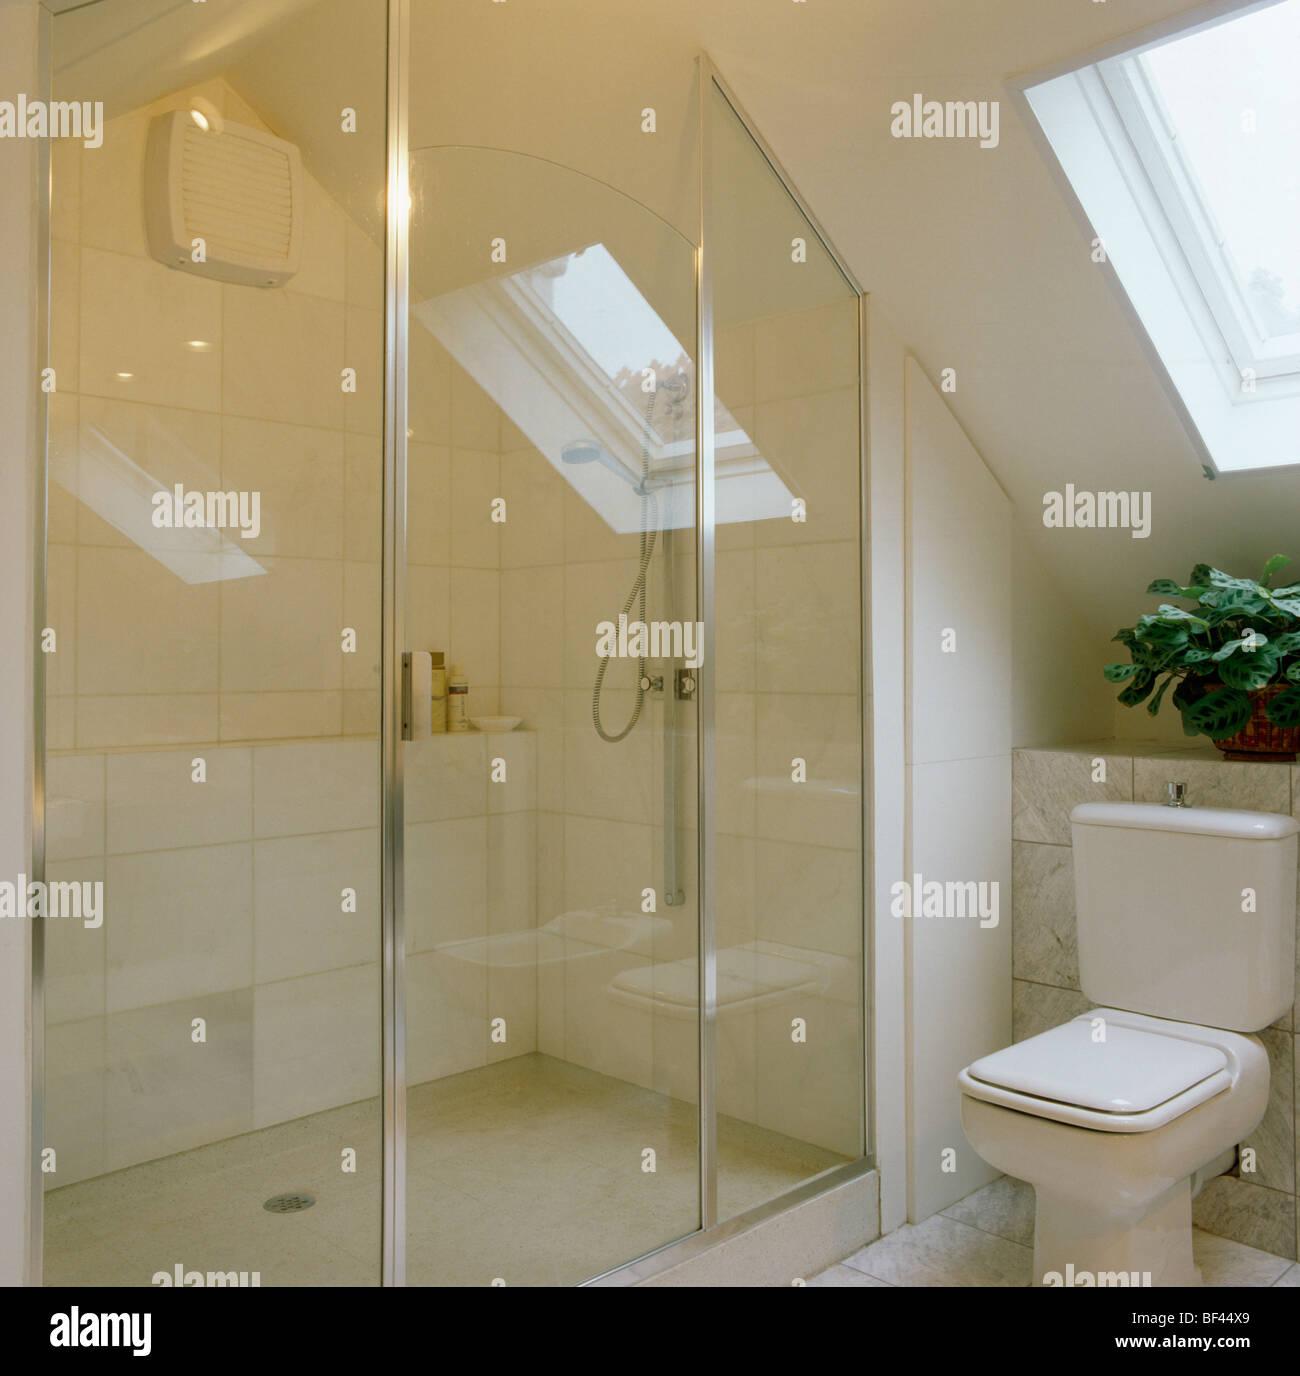 Glastüren Dusche im modernen weißen Loft Umbau Badezimmer Stockfoto ...